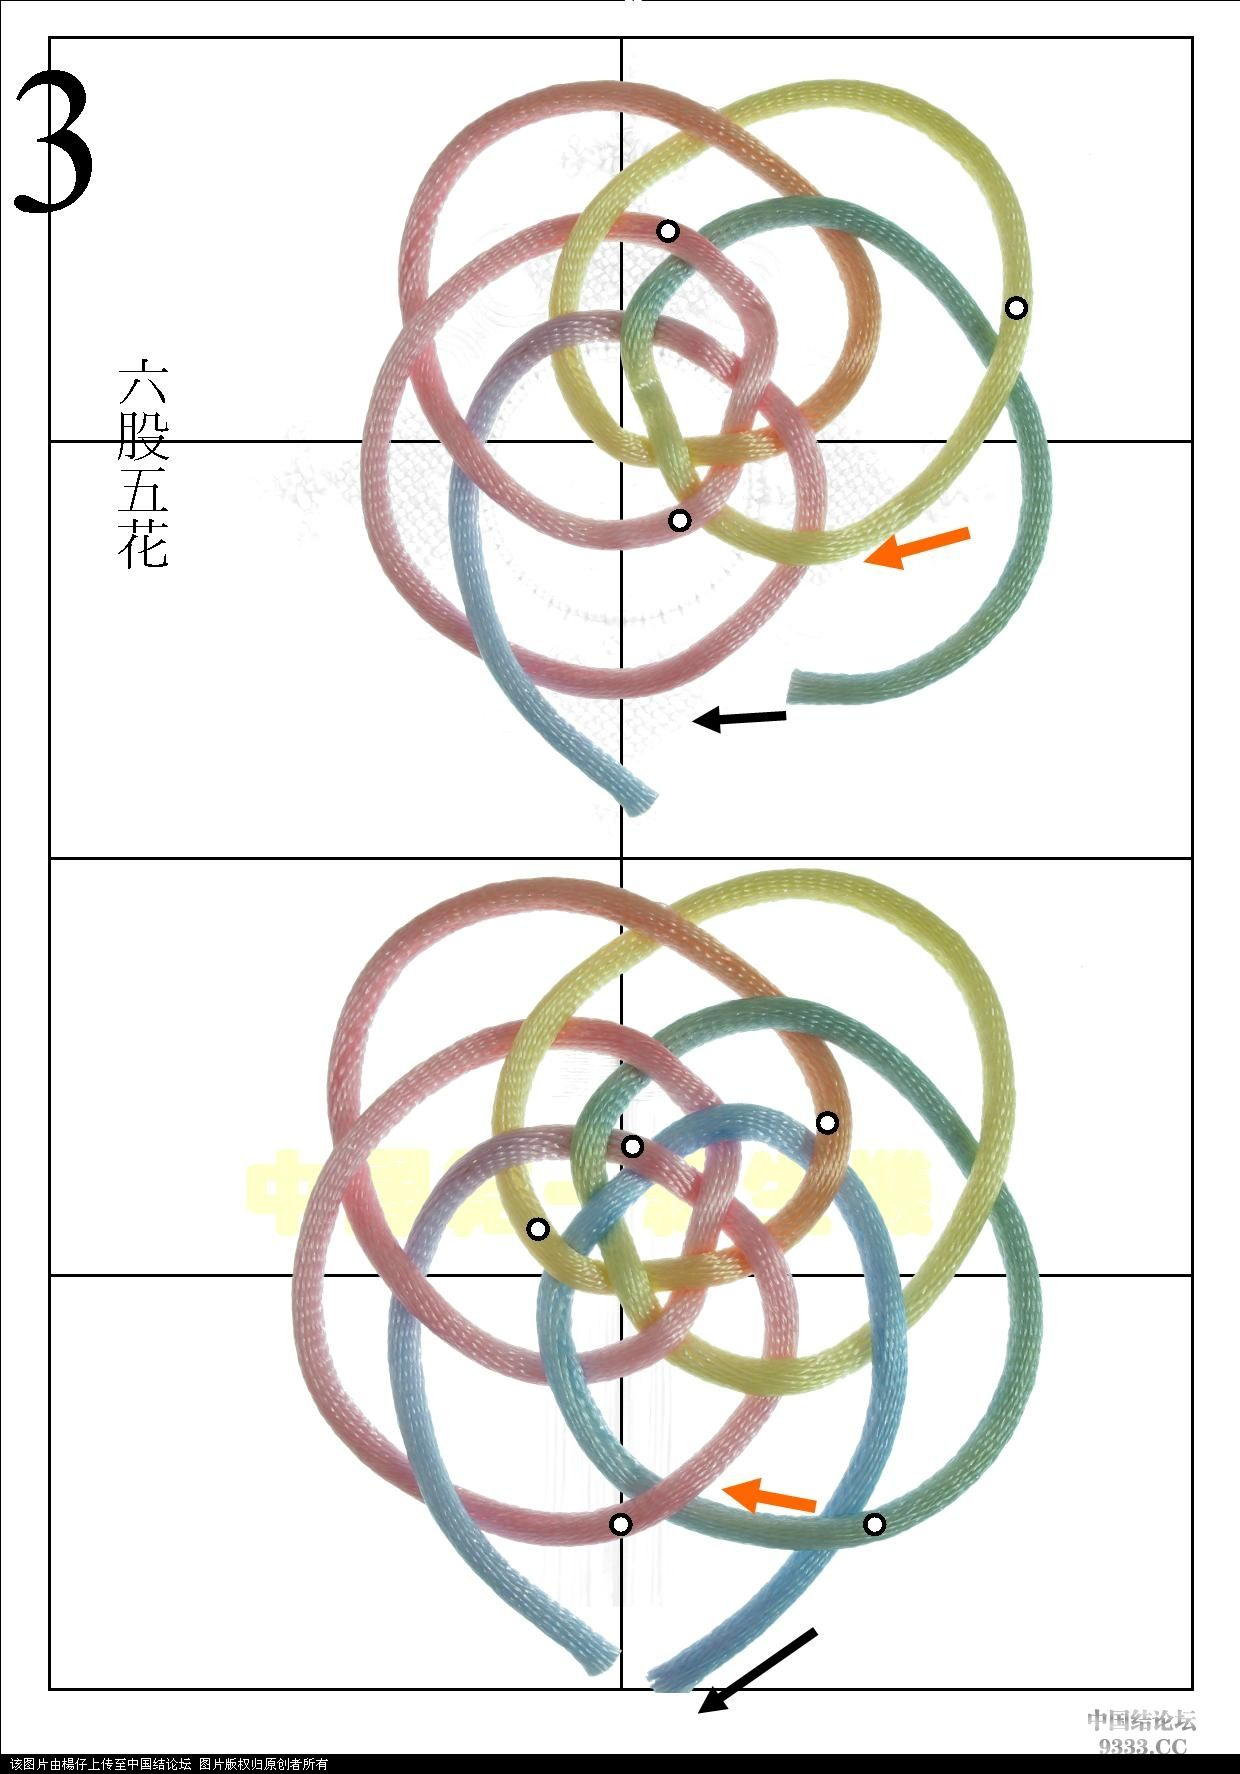 中国结论坛 六股五花  一线生机-杨朝宗专栏 10052611481037f7630566d18f